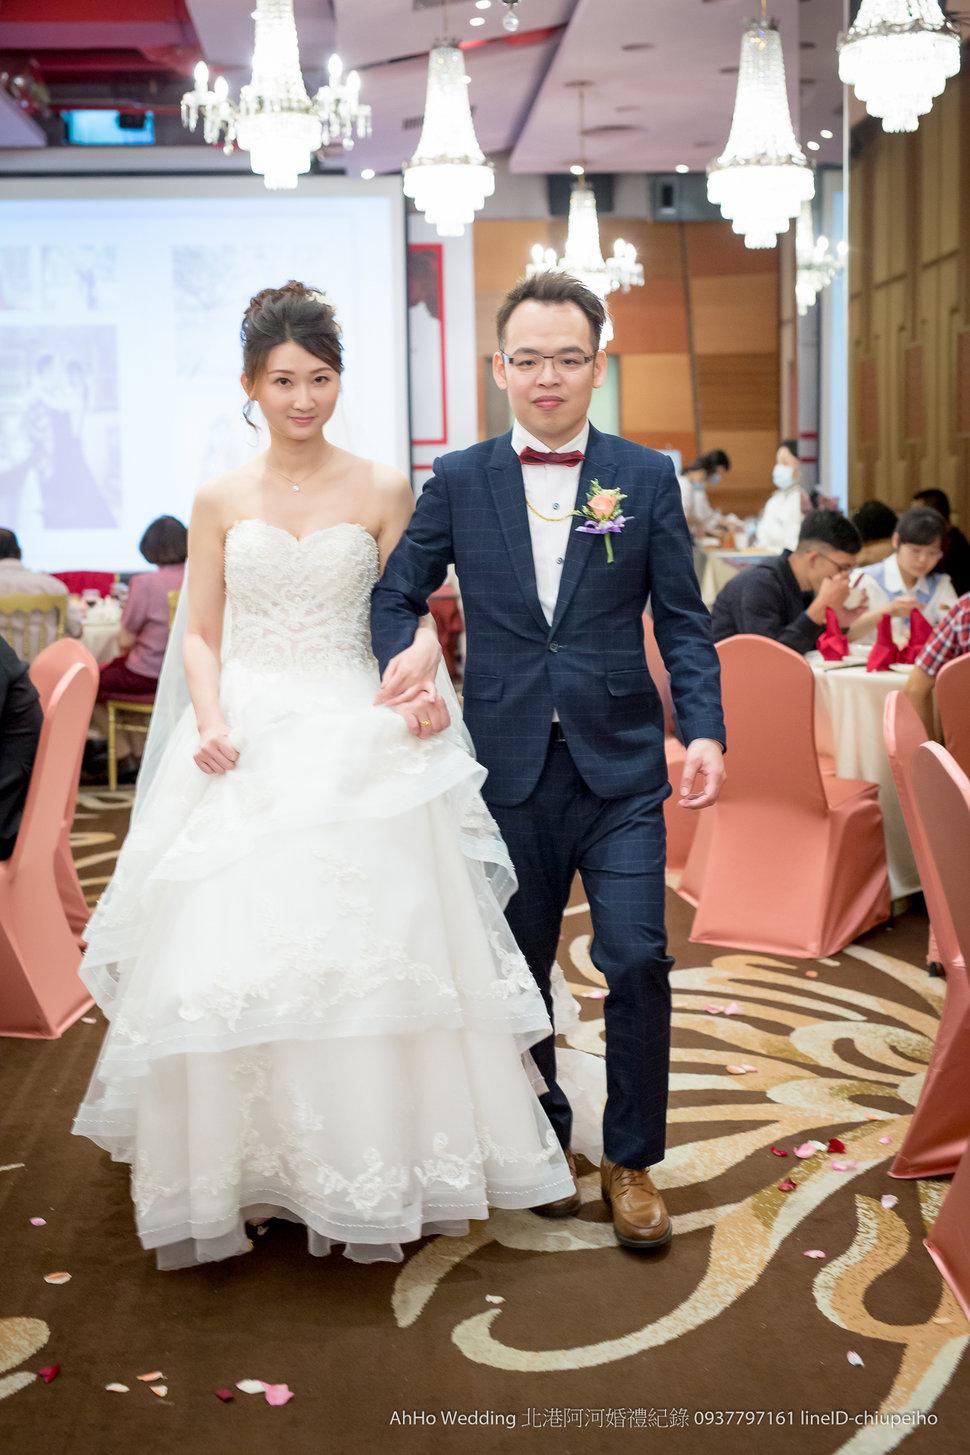 AhHo Wedding   LINE ID  chiupeiho-212 - AhHoWedding/阿河婚攝《結婚吧》